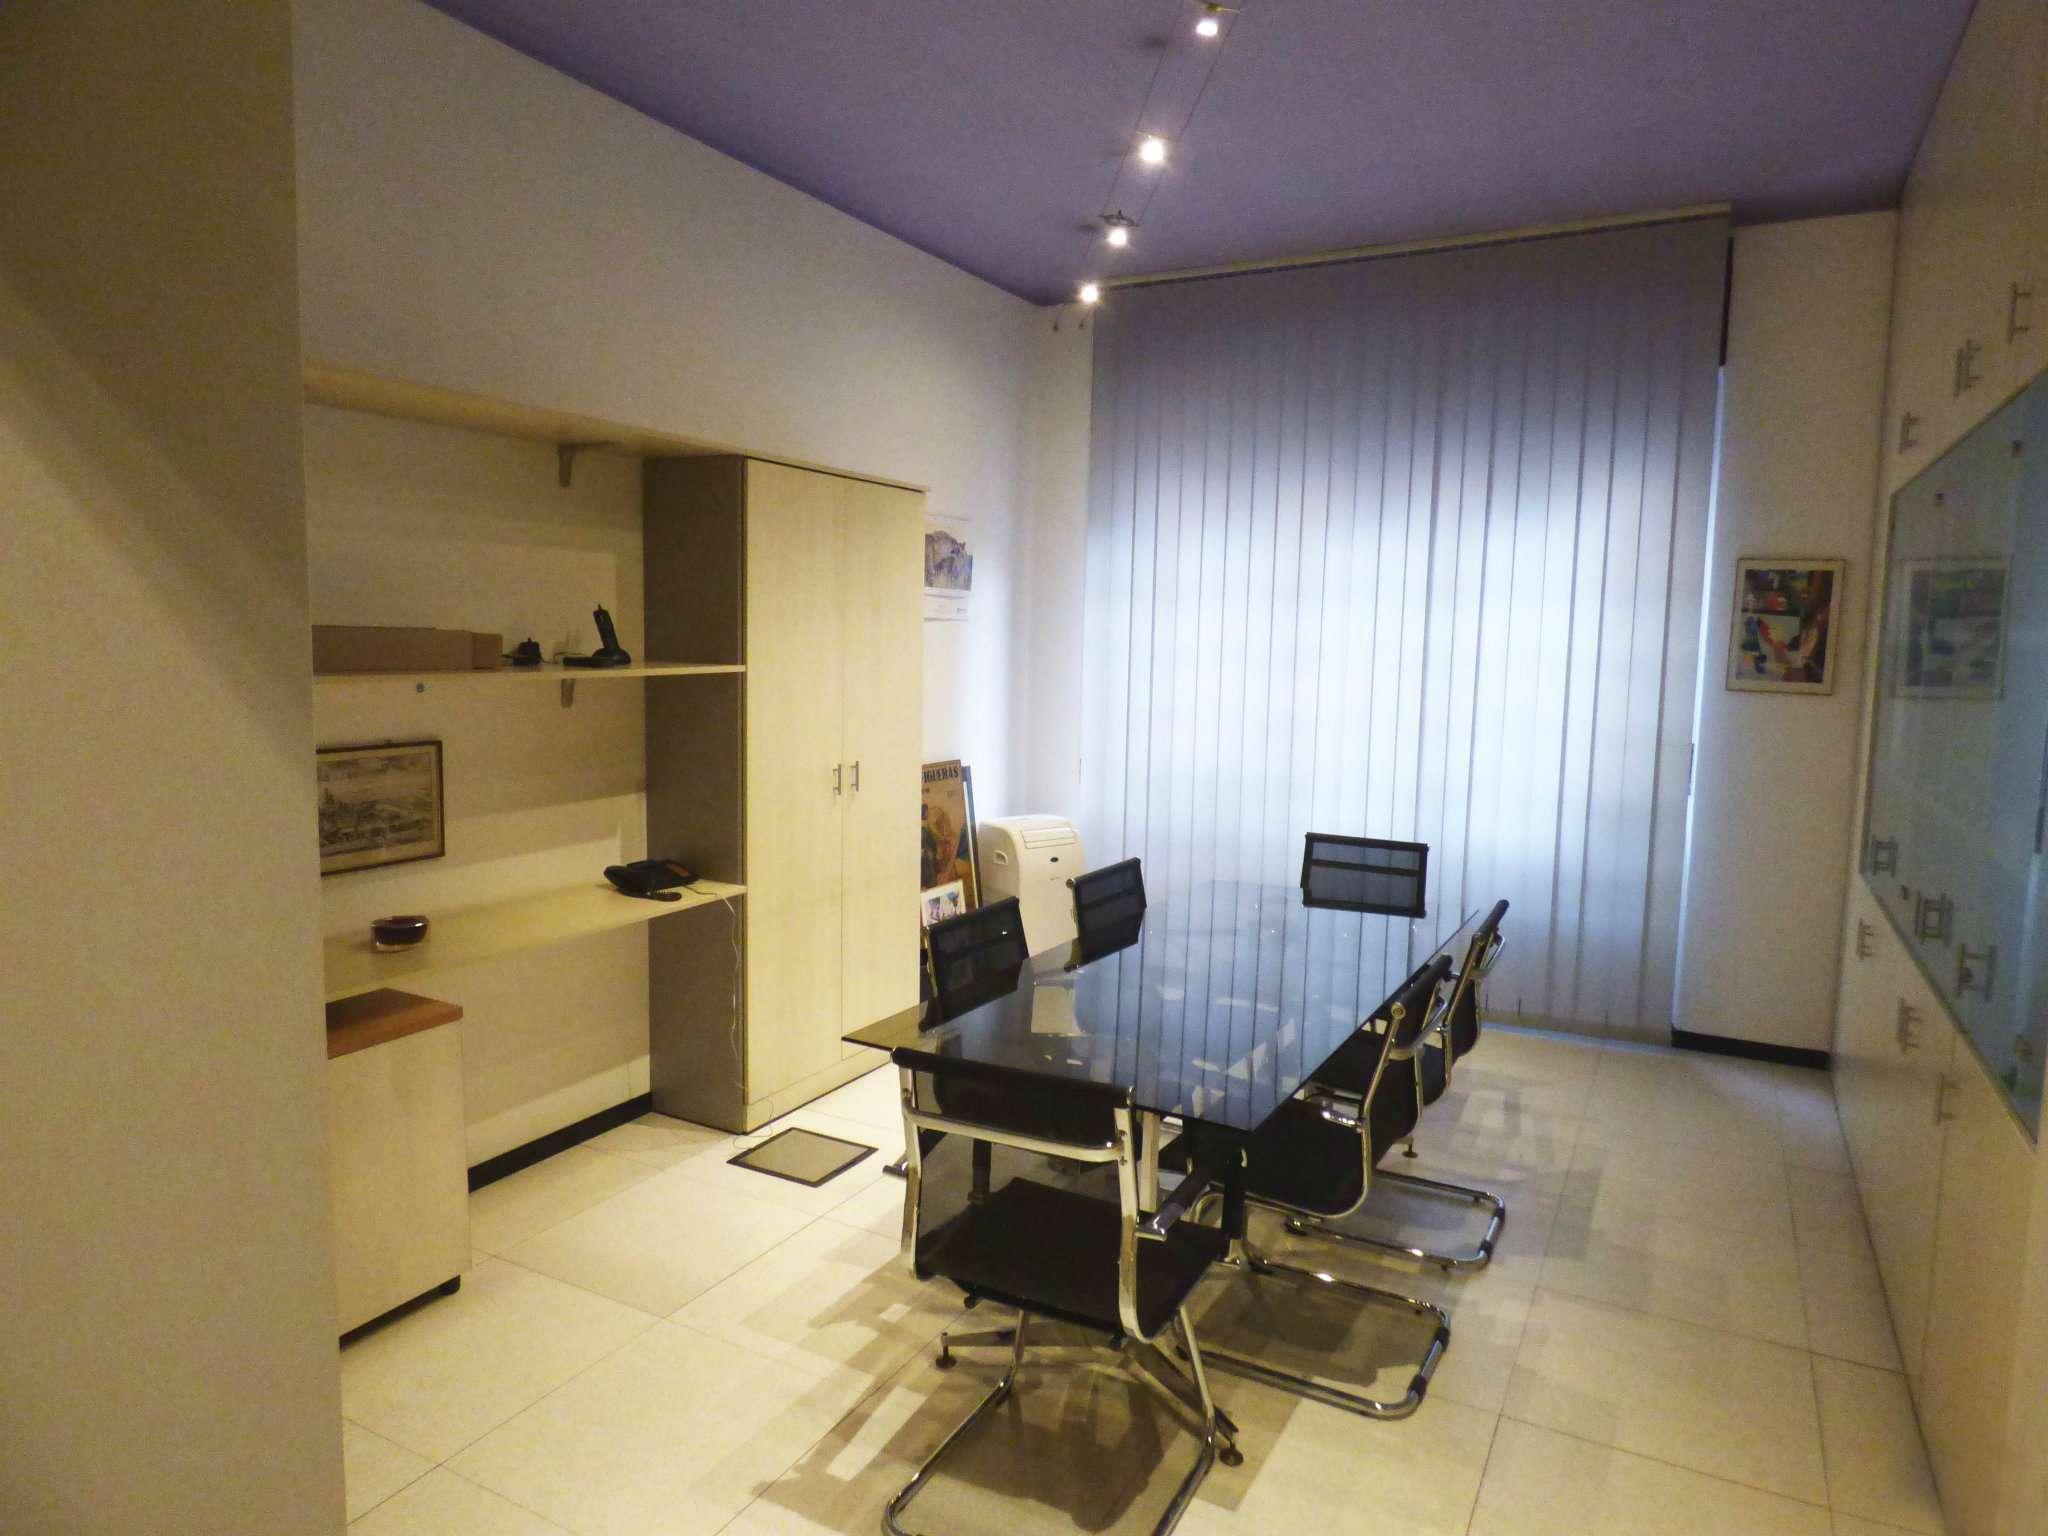 Ufficio in vendita Zona Cit Turin, San Donato, Campidoglio - via San Rocchetto 20 Torino